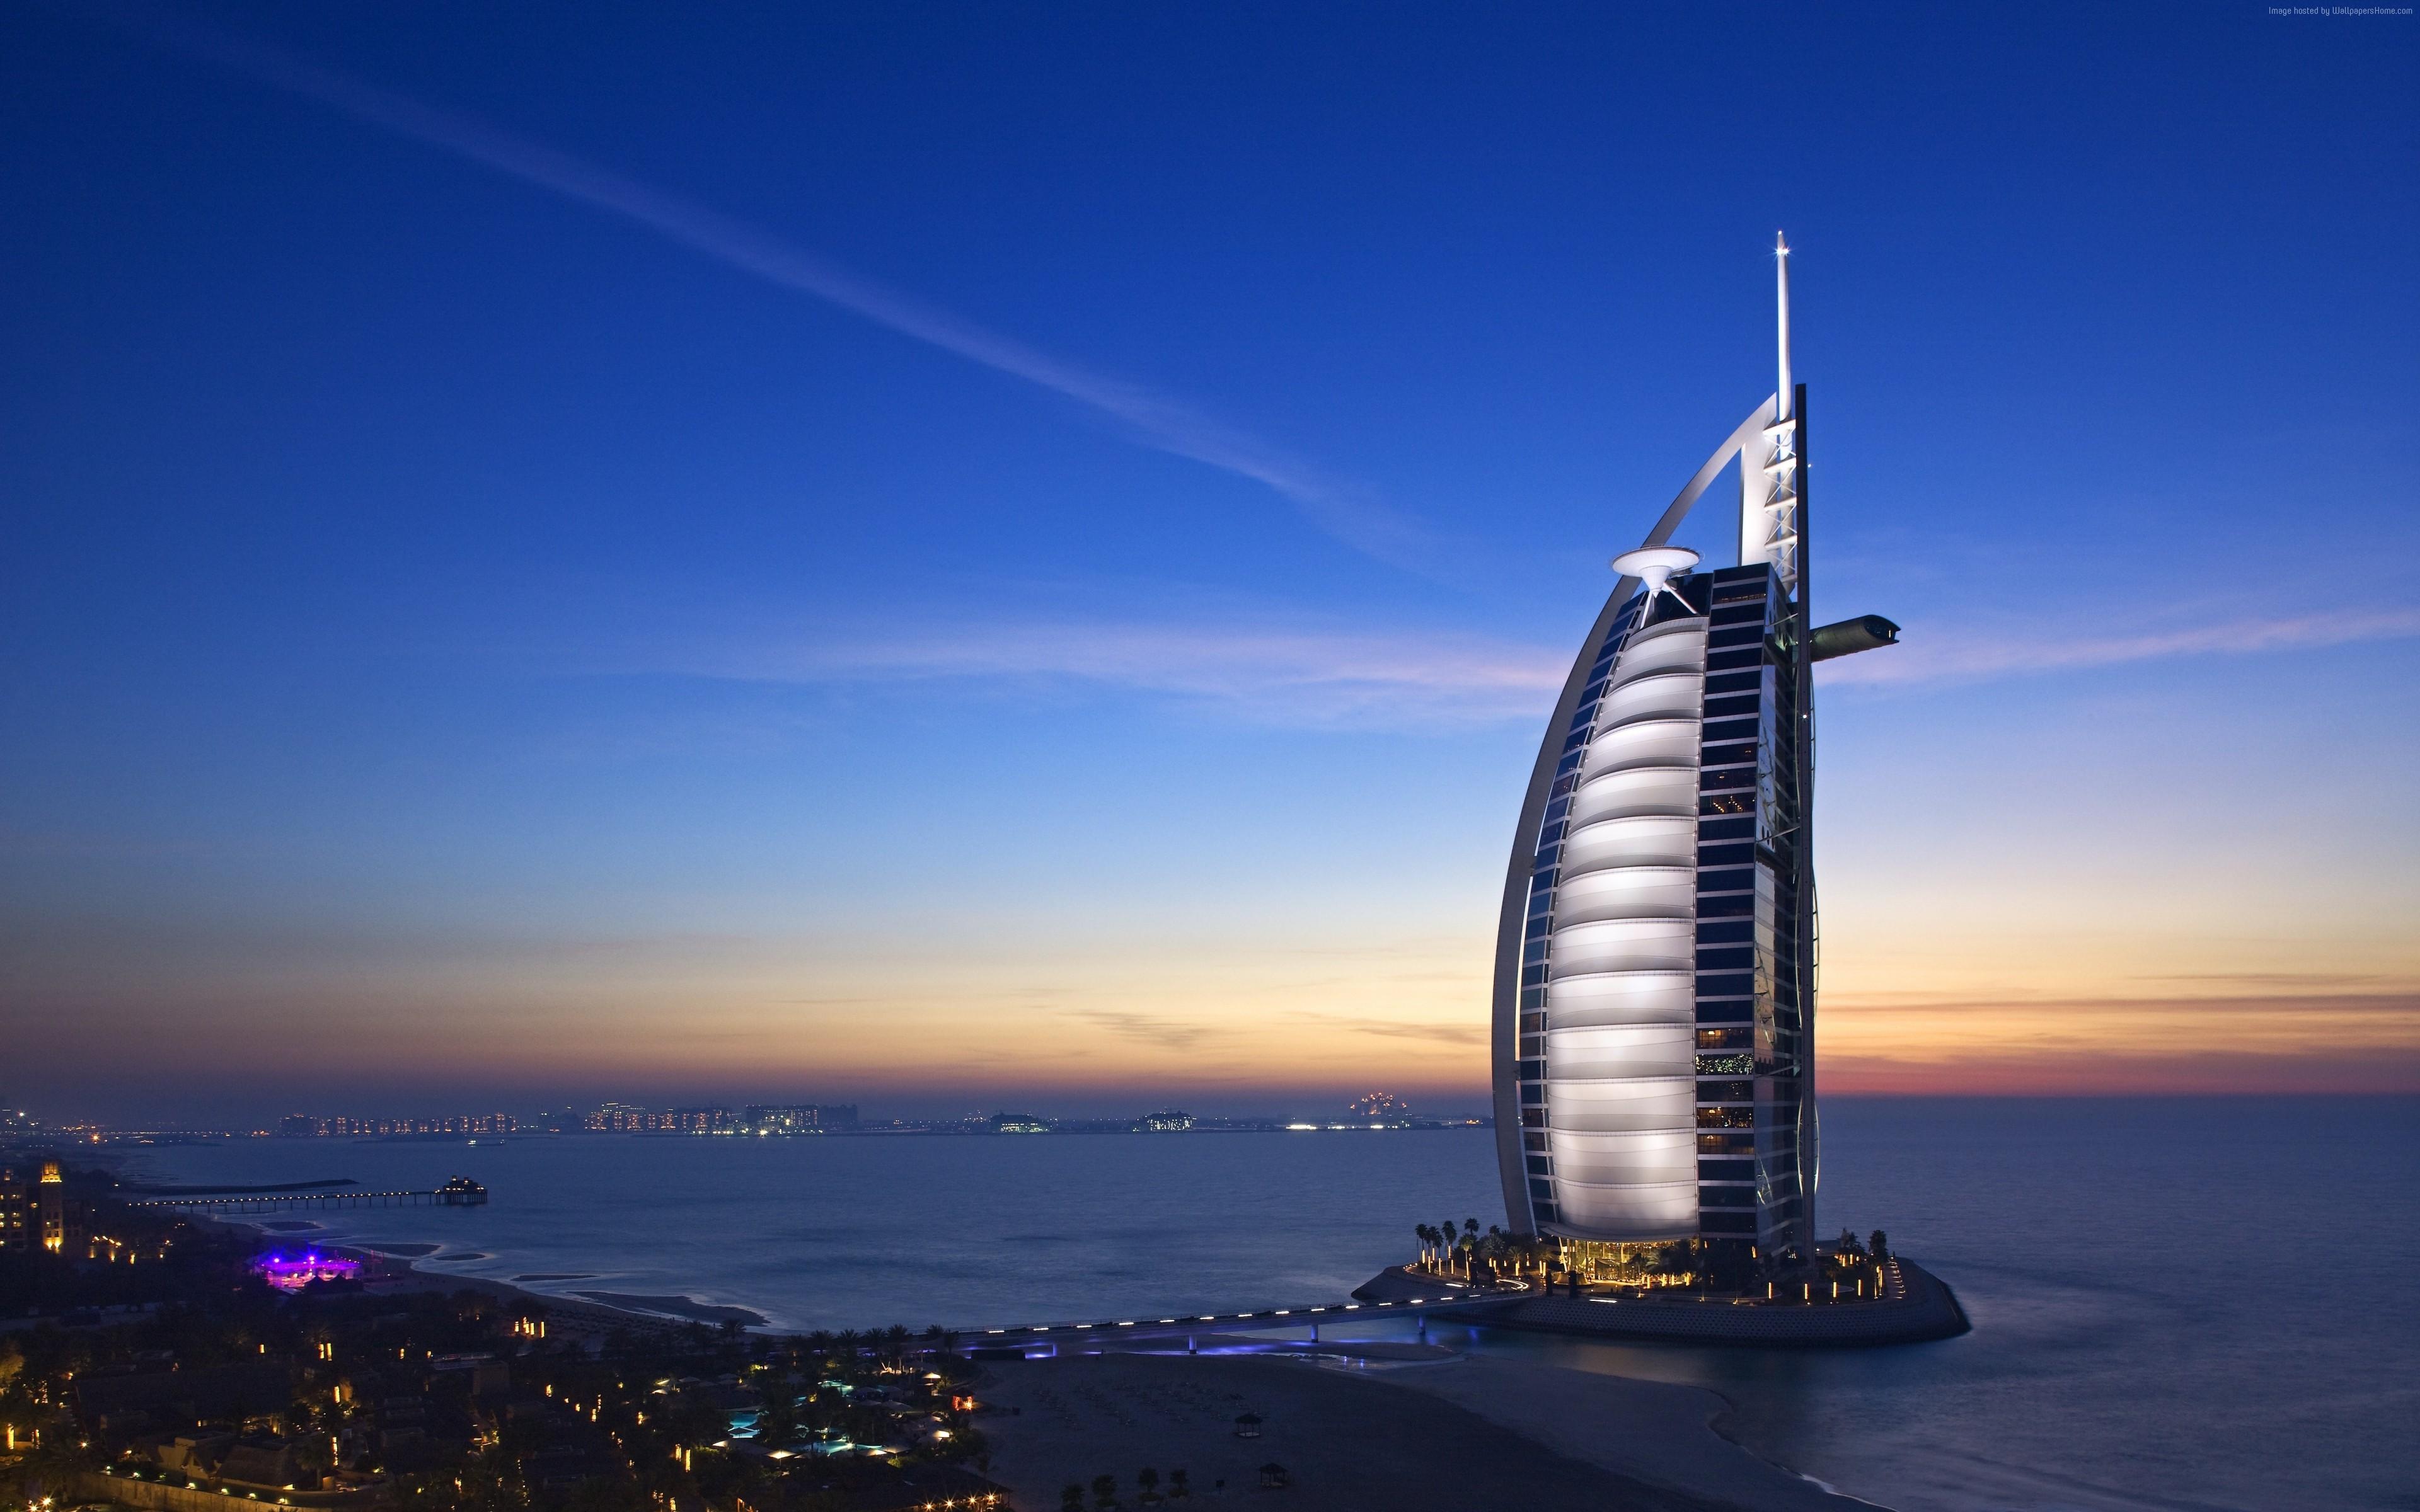 burj-al-arab-hotel-3840×2400-dubai-uae-travel-booking-pool-378